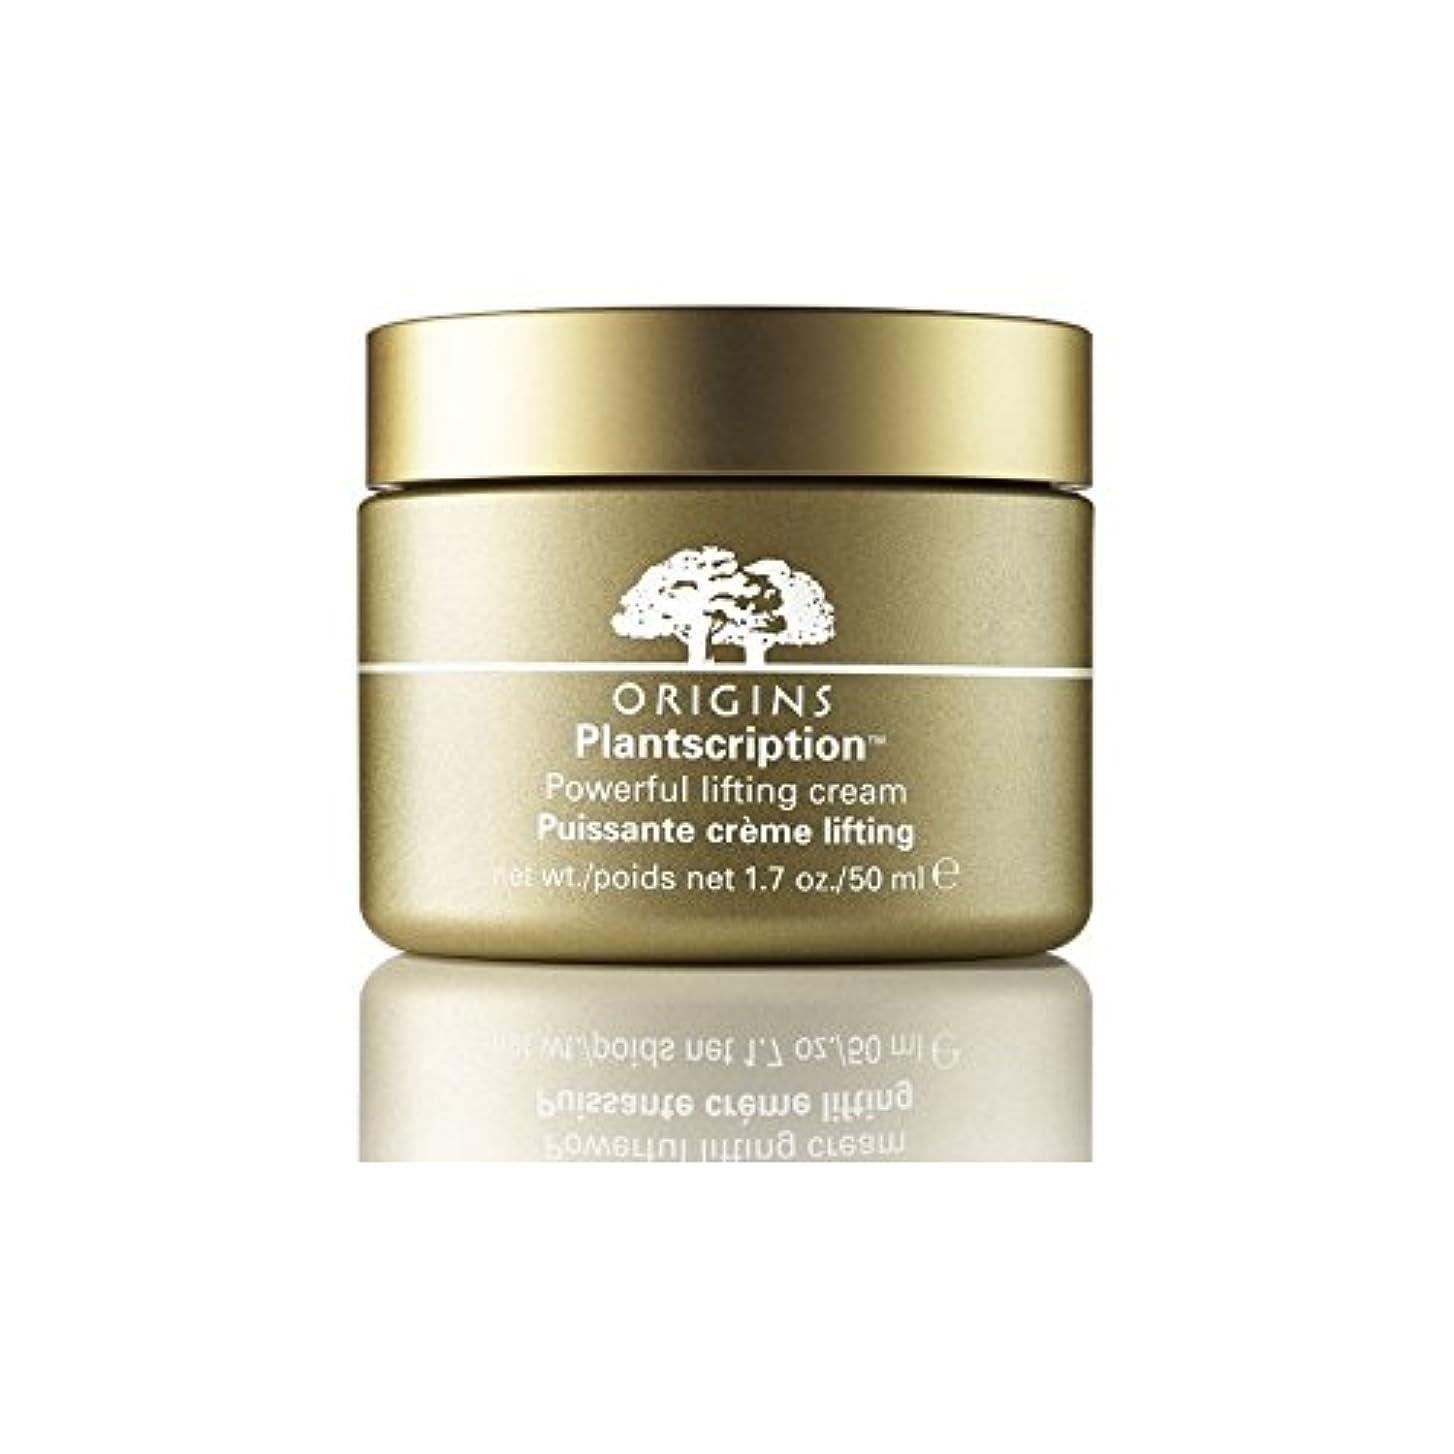 ナットこっそり殺人Origins Plantscription Powerful Lifting Cream 50ml (Pack of 6) - 起源強力なリフティングクリーム50 x6 [並行輸入品]